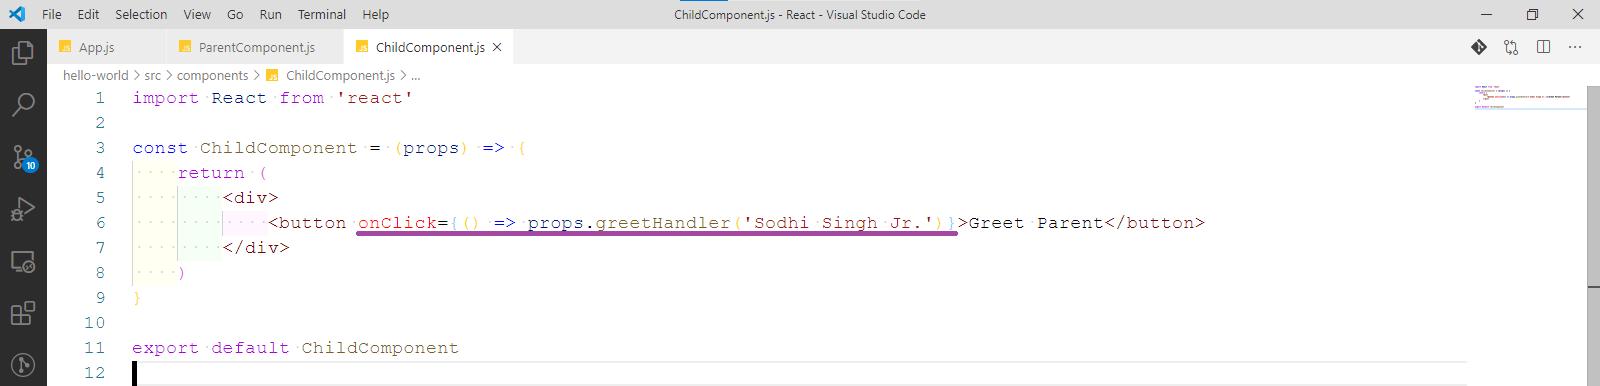 ChildComponent.js